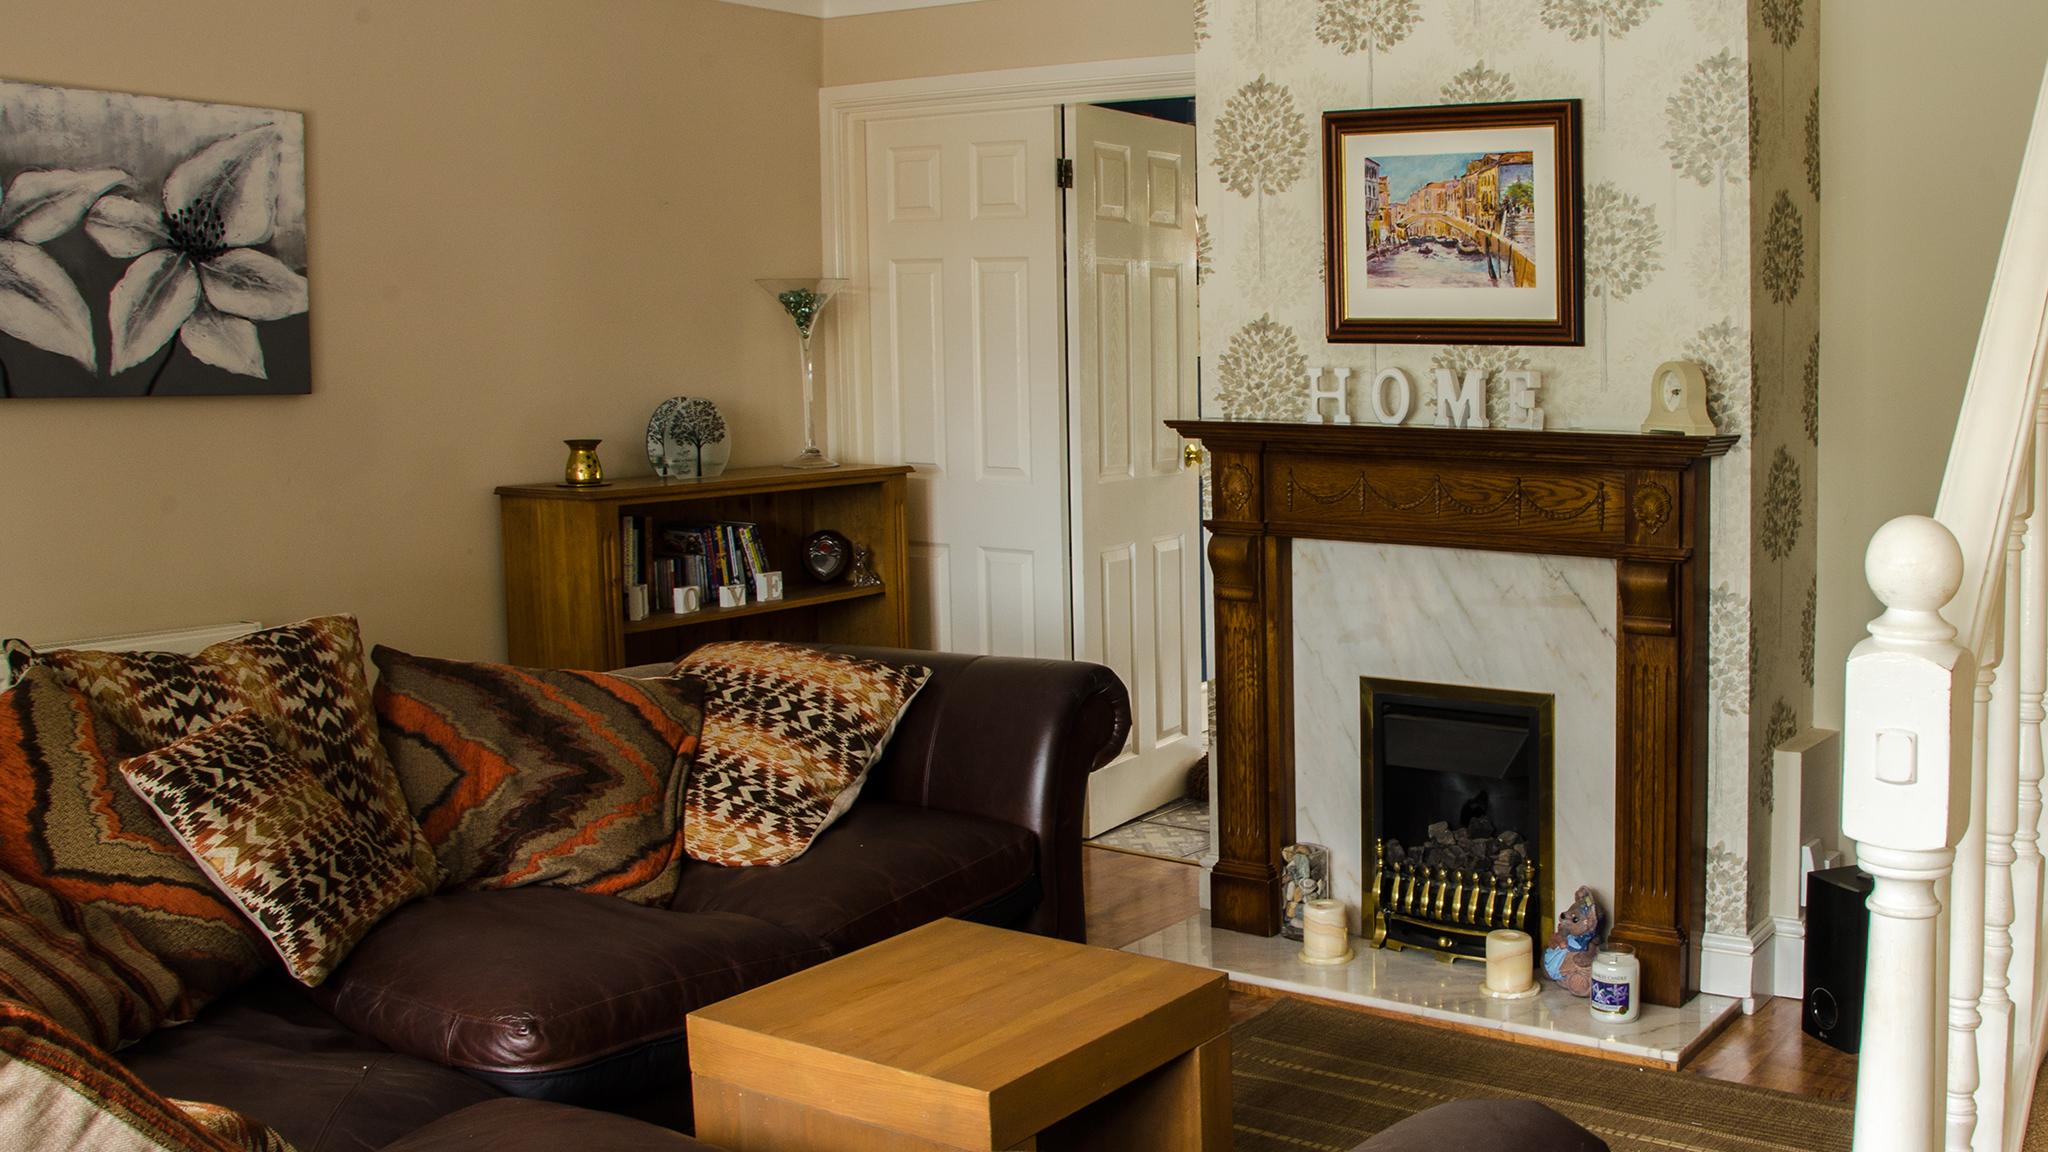 Die Effizienteste Art Zu Wohnen: So Leben Wir Luxuriös Ohne Mietwohnung Und  Eigenheim